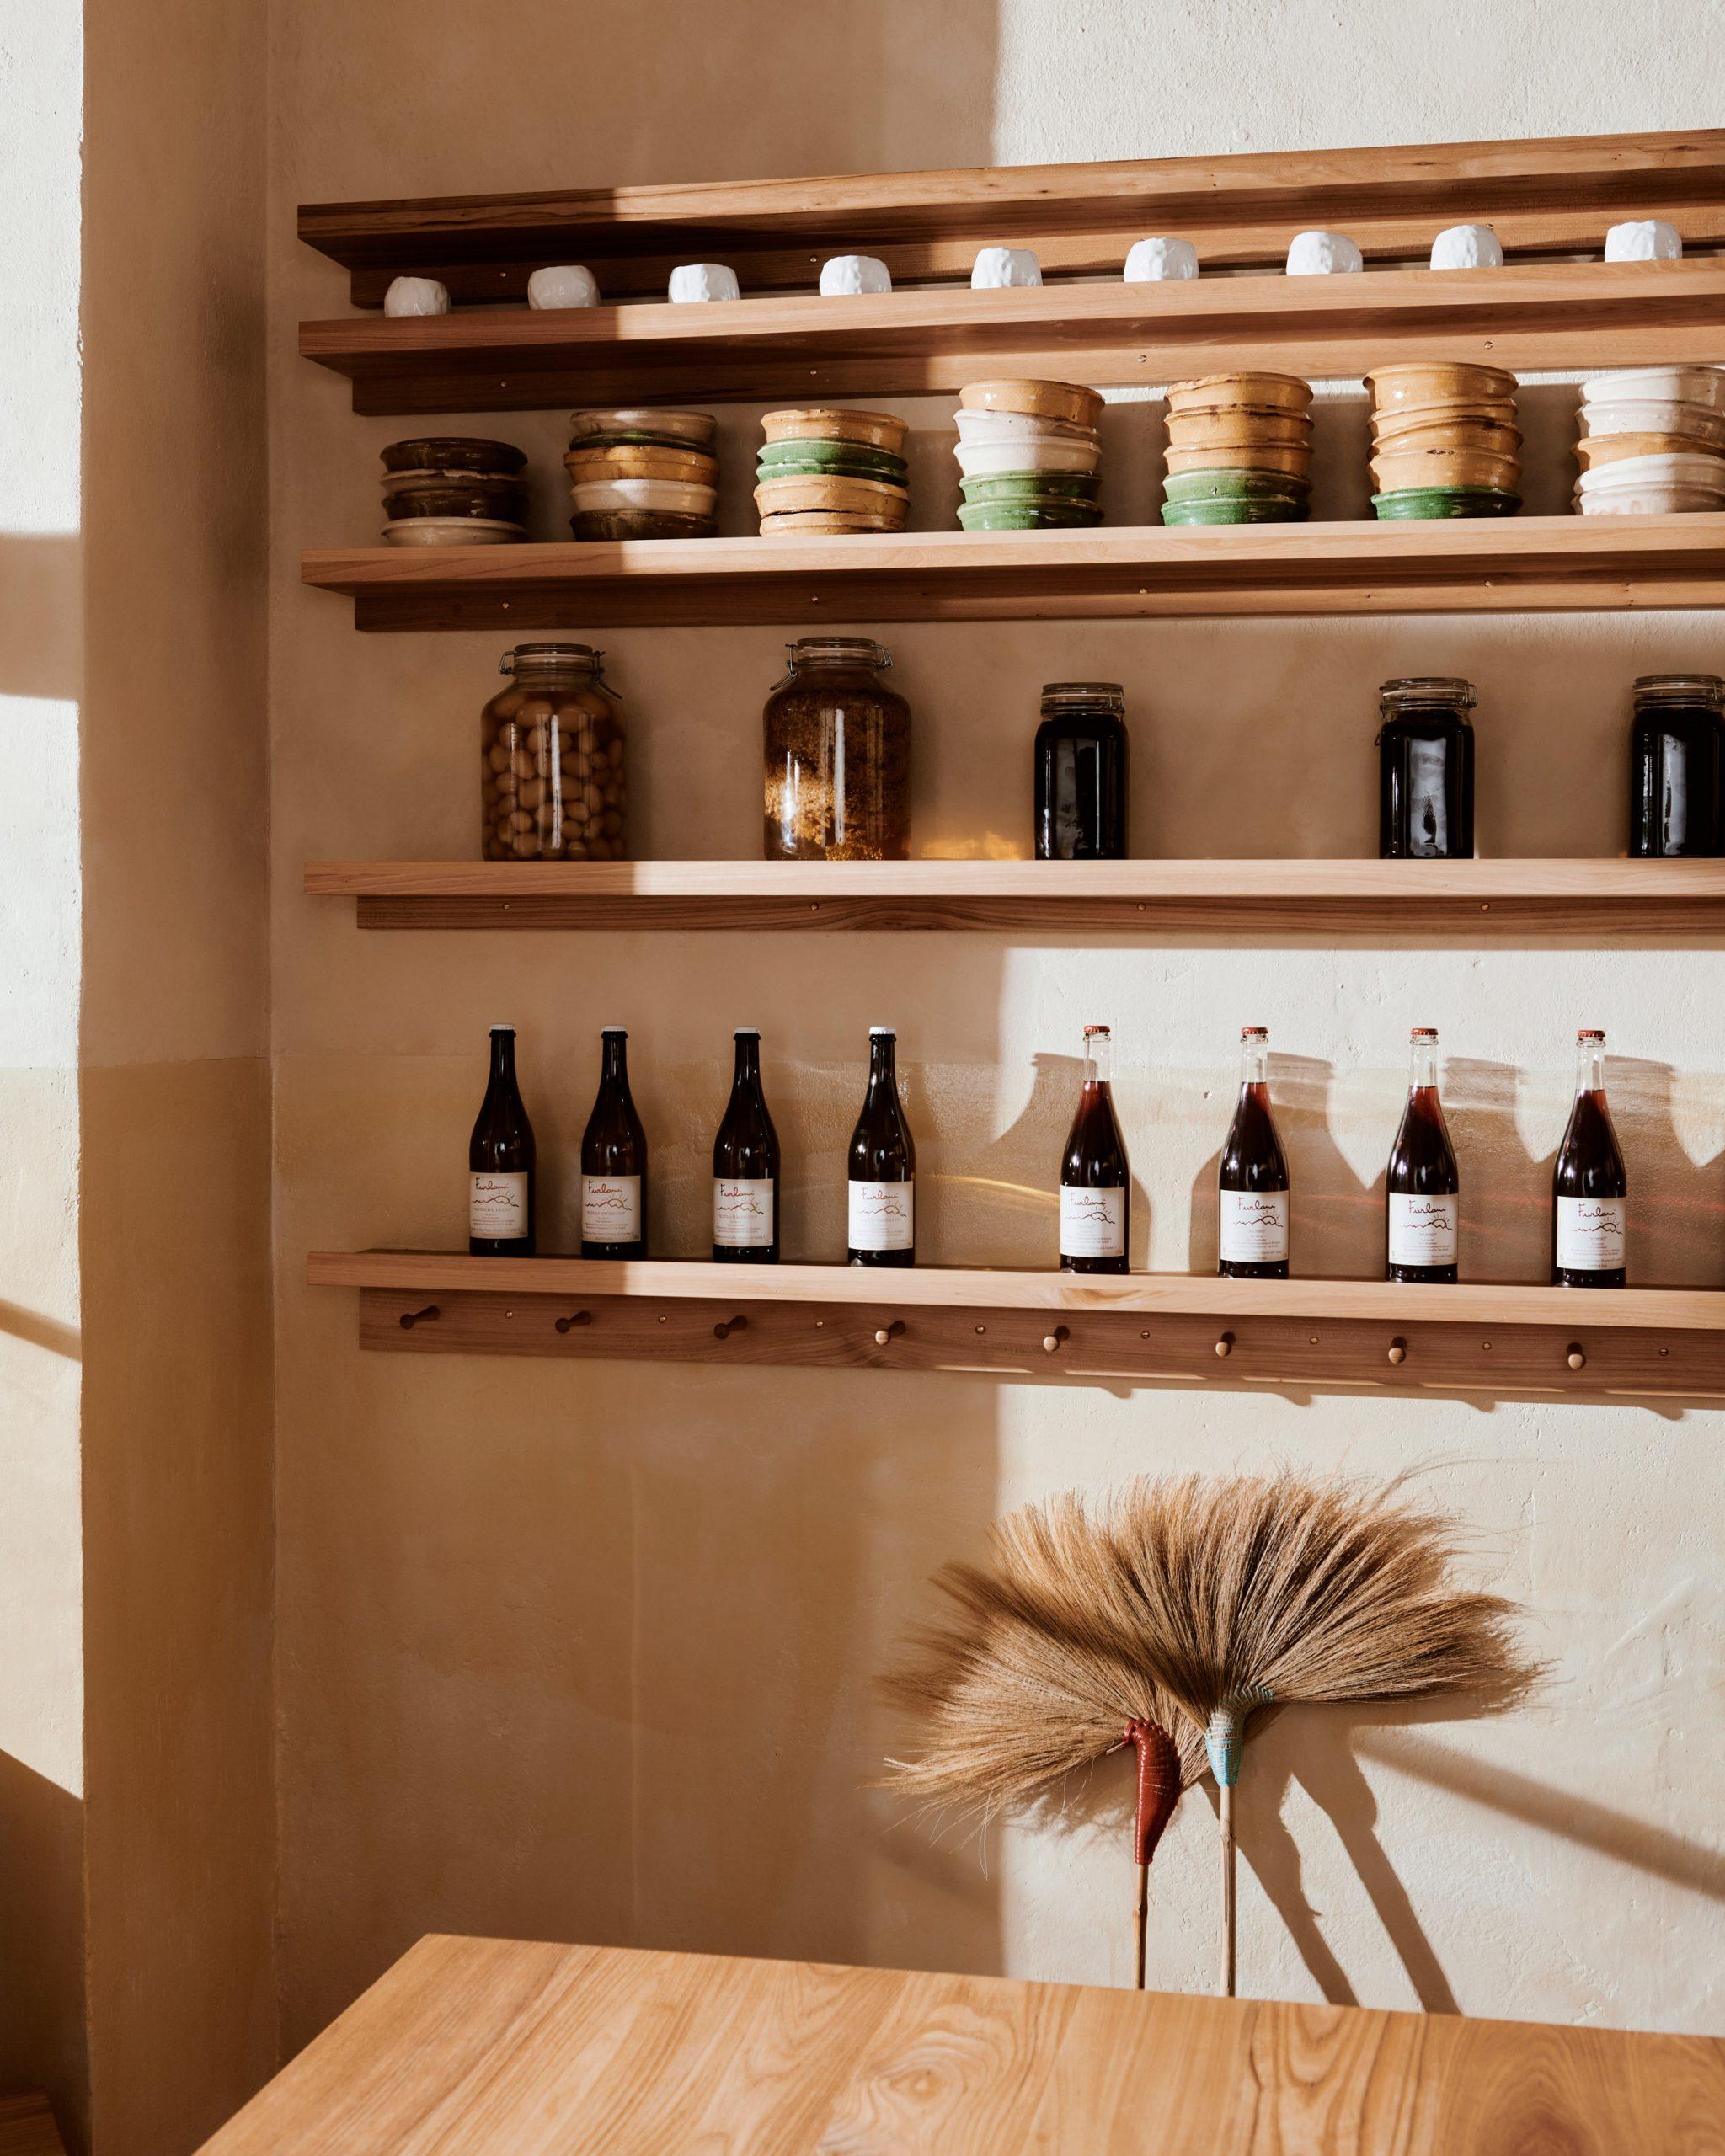 Built-in shelf of Sofi bakery in Berlin by Mathias Mentze, Alexander Vedel Ottenstein and Dreimeta